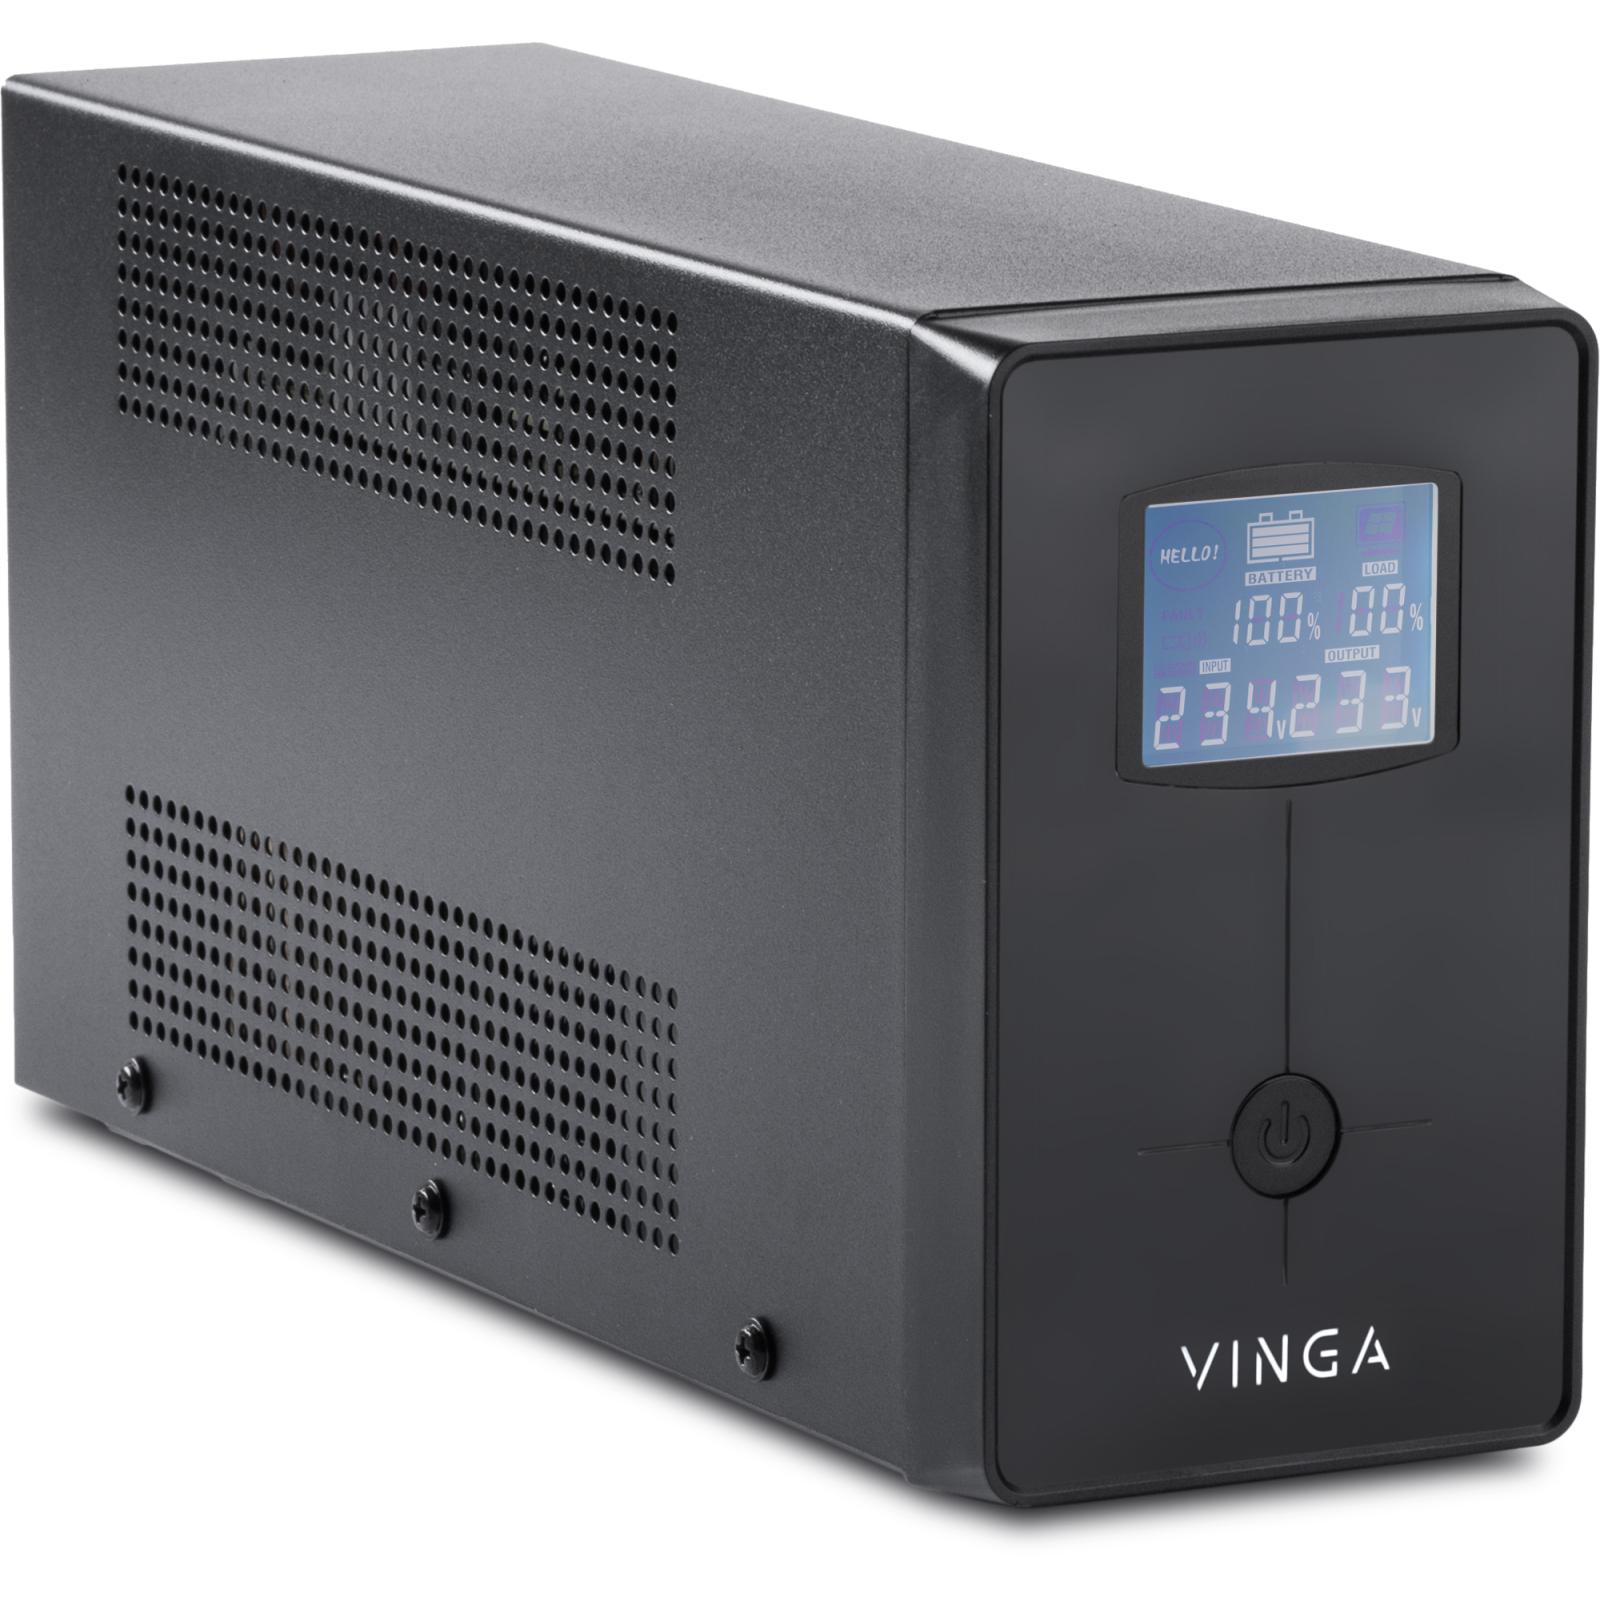 Источник бесперебойного питания Vinga LCD 2000VA metall case (VPC-2000M) изображение 2